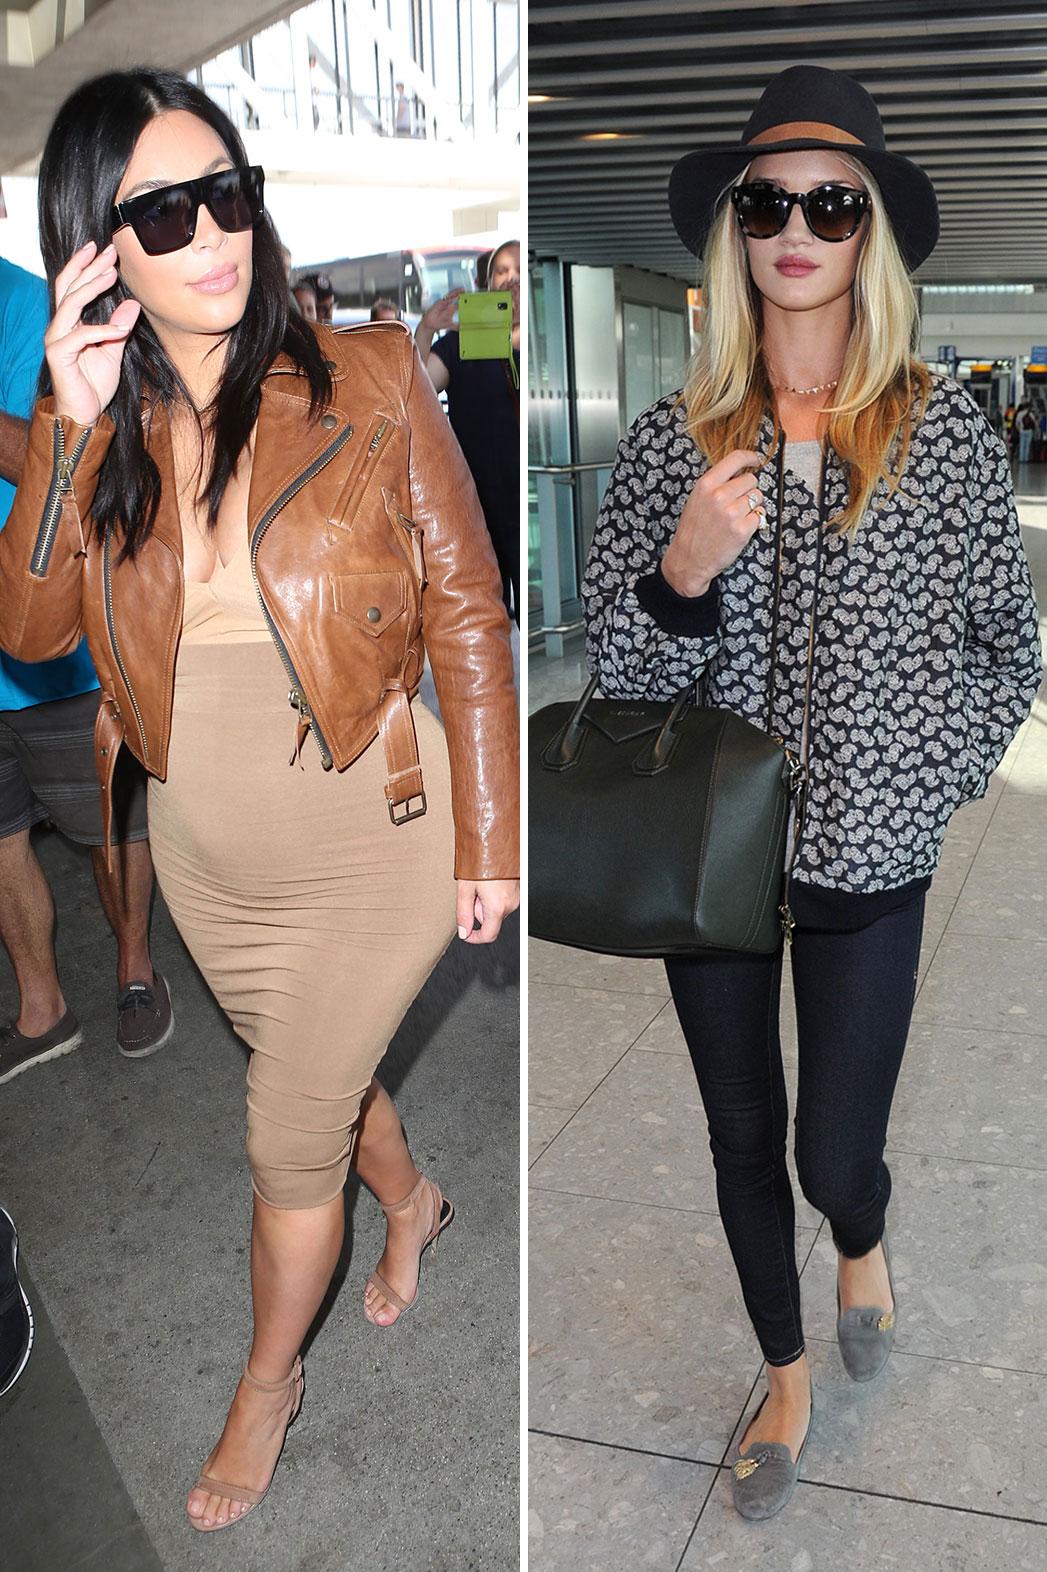 Kim Kardashian, Rosie Huntington-Whiteley Airport Split - P 2015